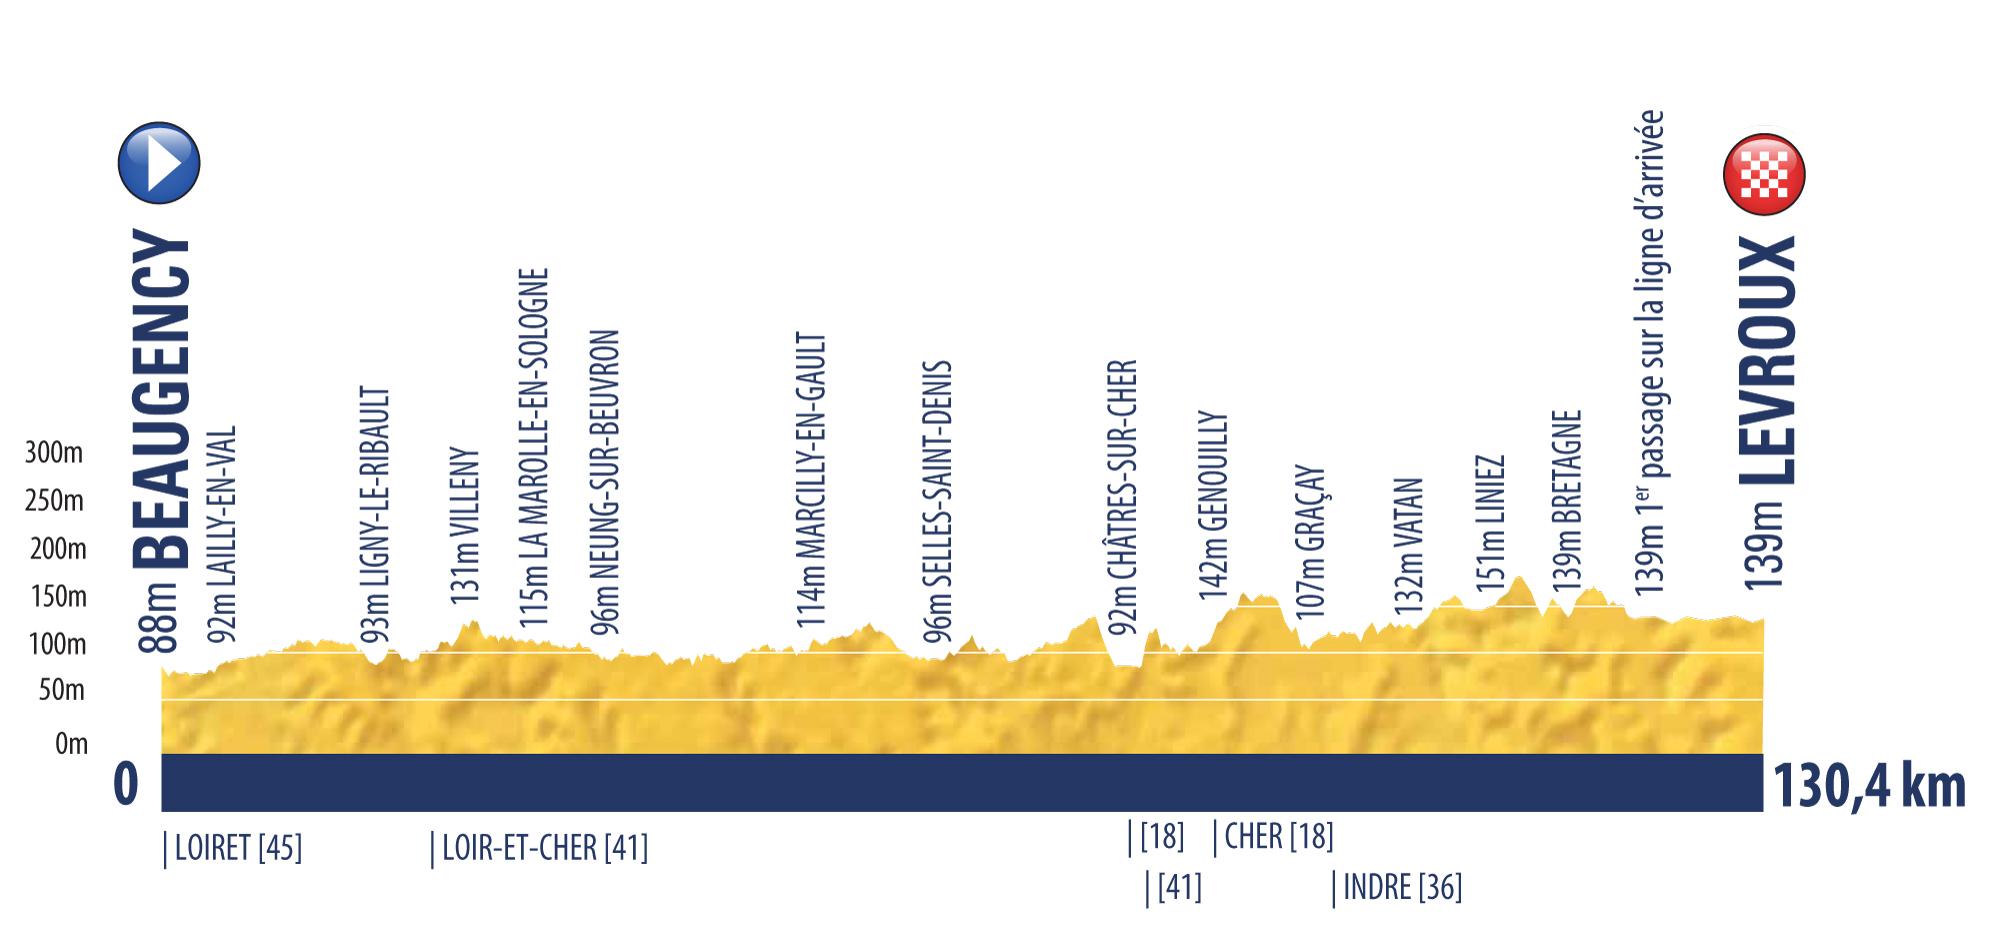 etappe 5 Tour de l'Avenir 2018